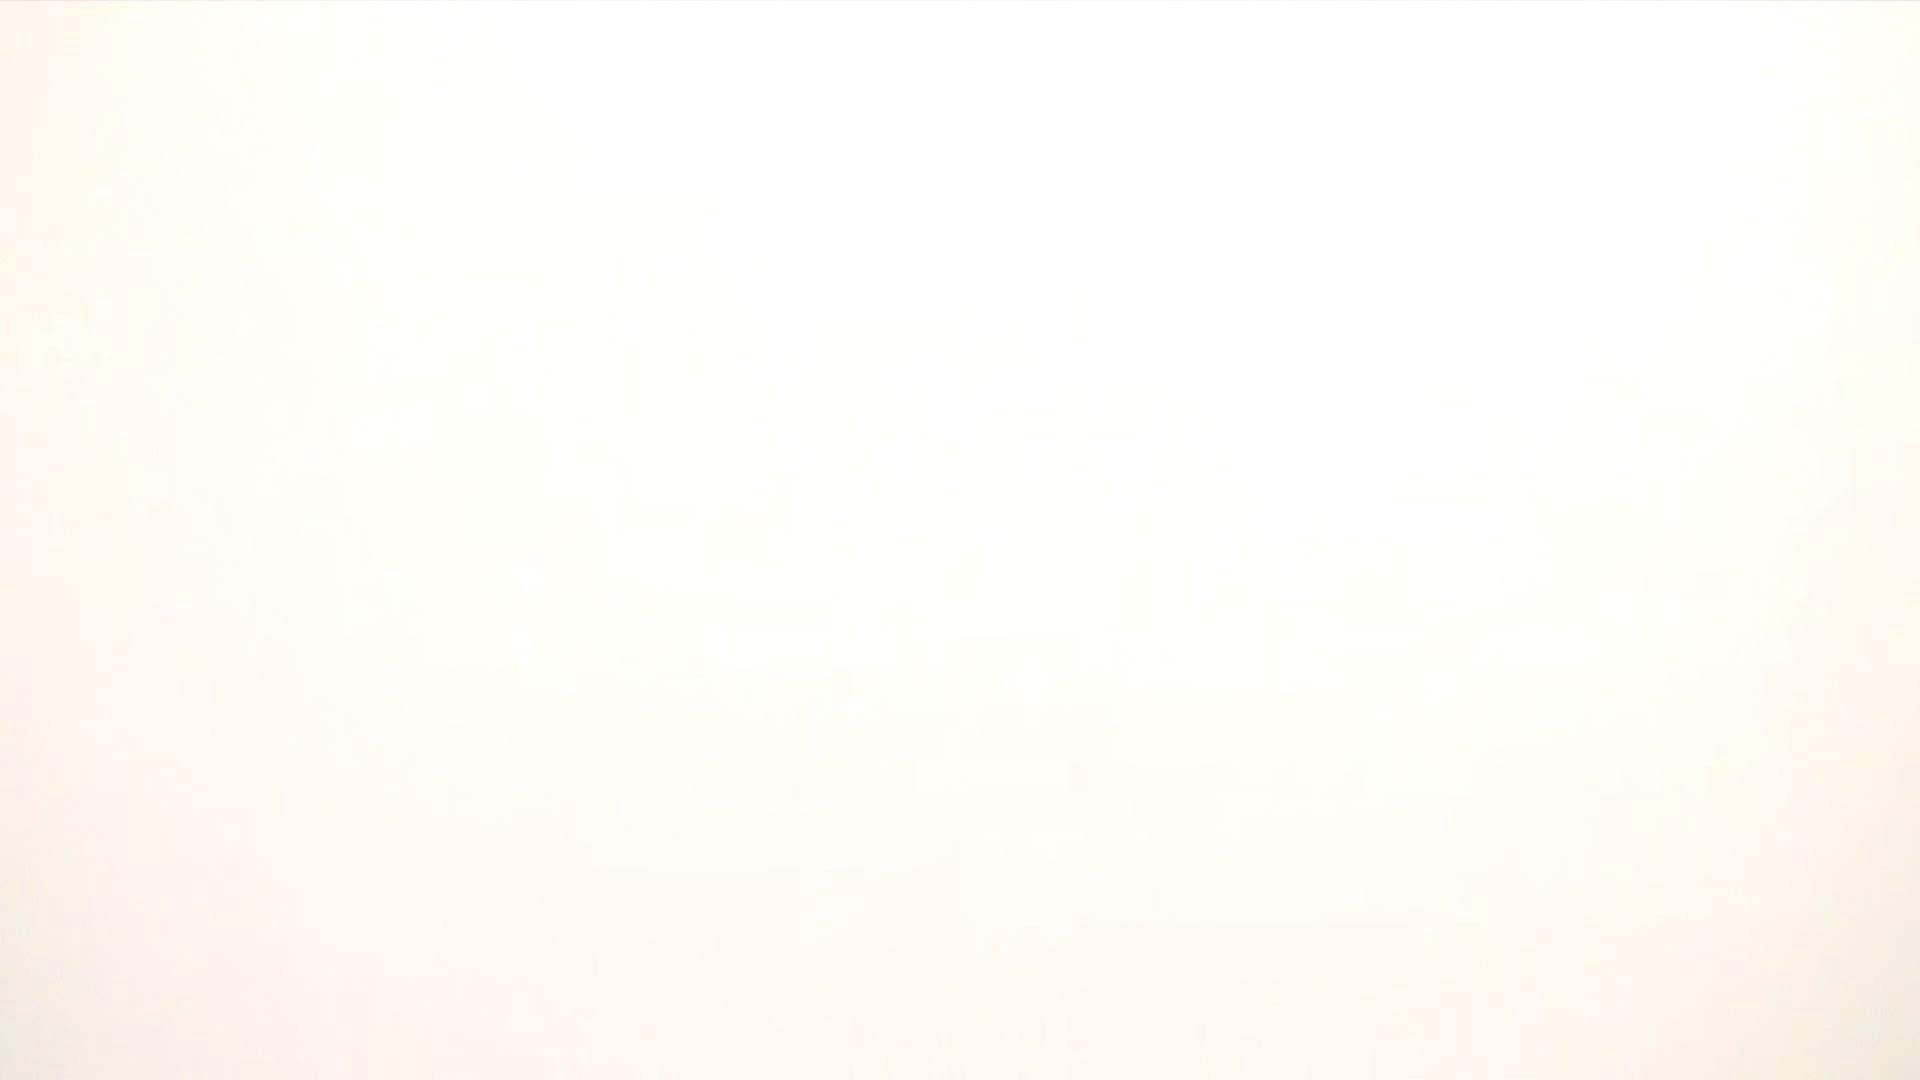 ※100個限定販売 至高下半身盗撮 プレミアム Vol.18 ハイビジョン エッチすぎるOL達 | 盗撮映像大放出  13連発 3